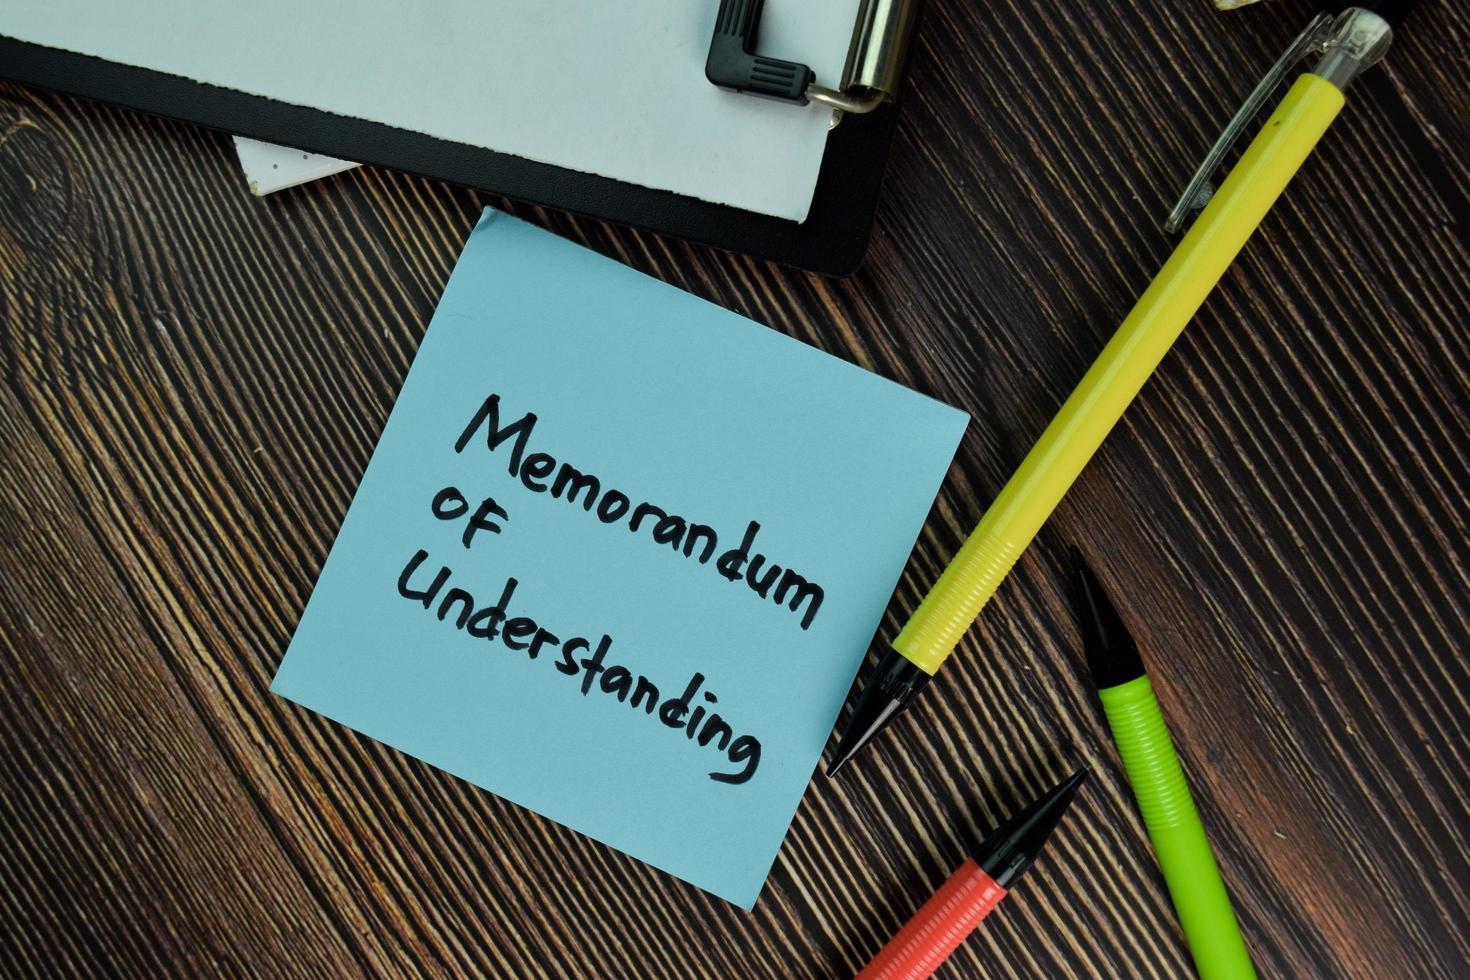 Mou - Memorandum of Understanding geschrieben auf einem Papierkram isoliert auf Holztisch foto